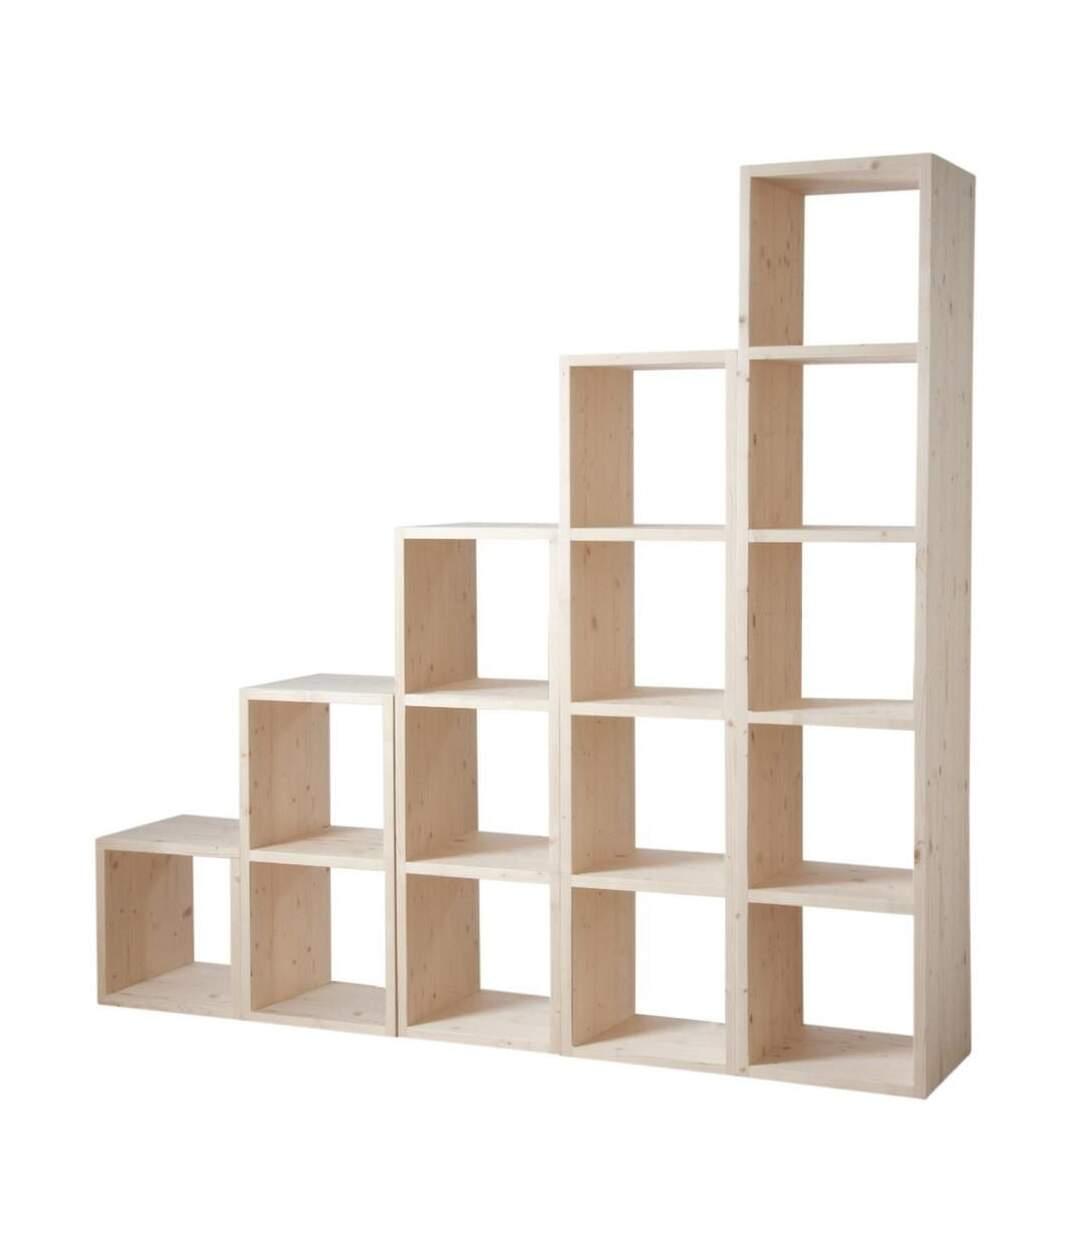 Etagère modulable 4 cases en épicéa 4 cases